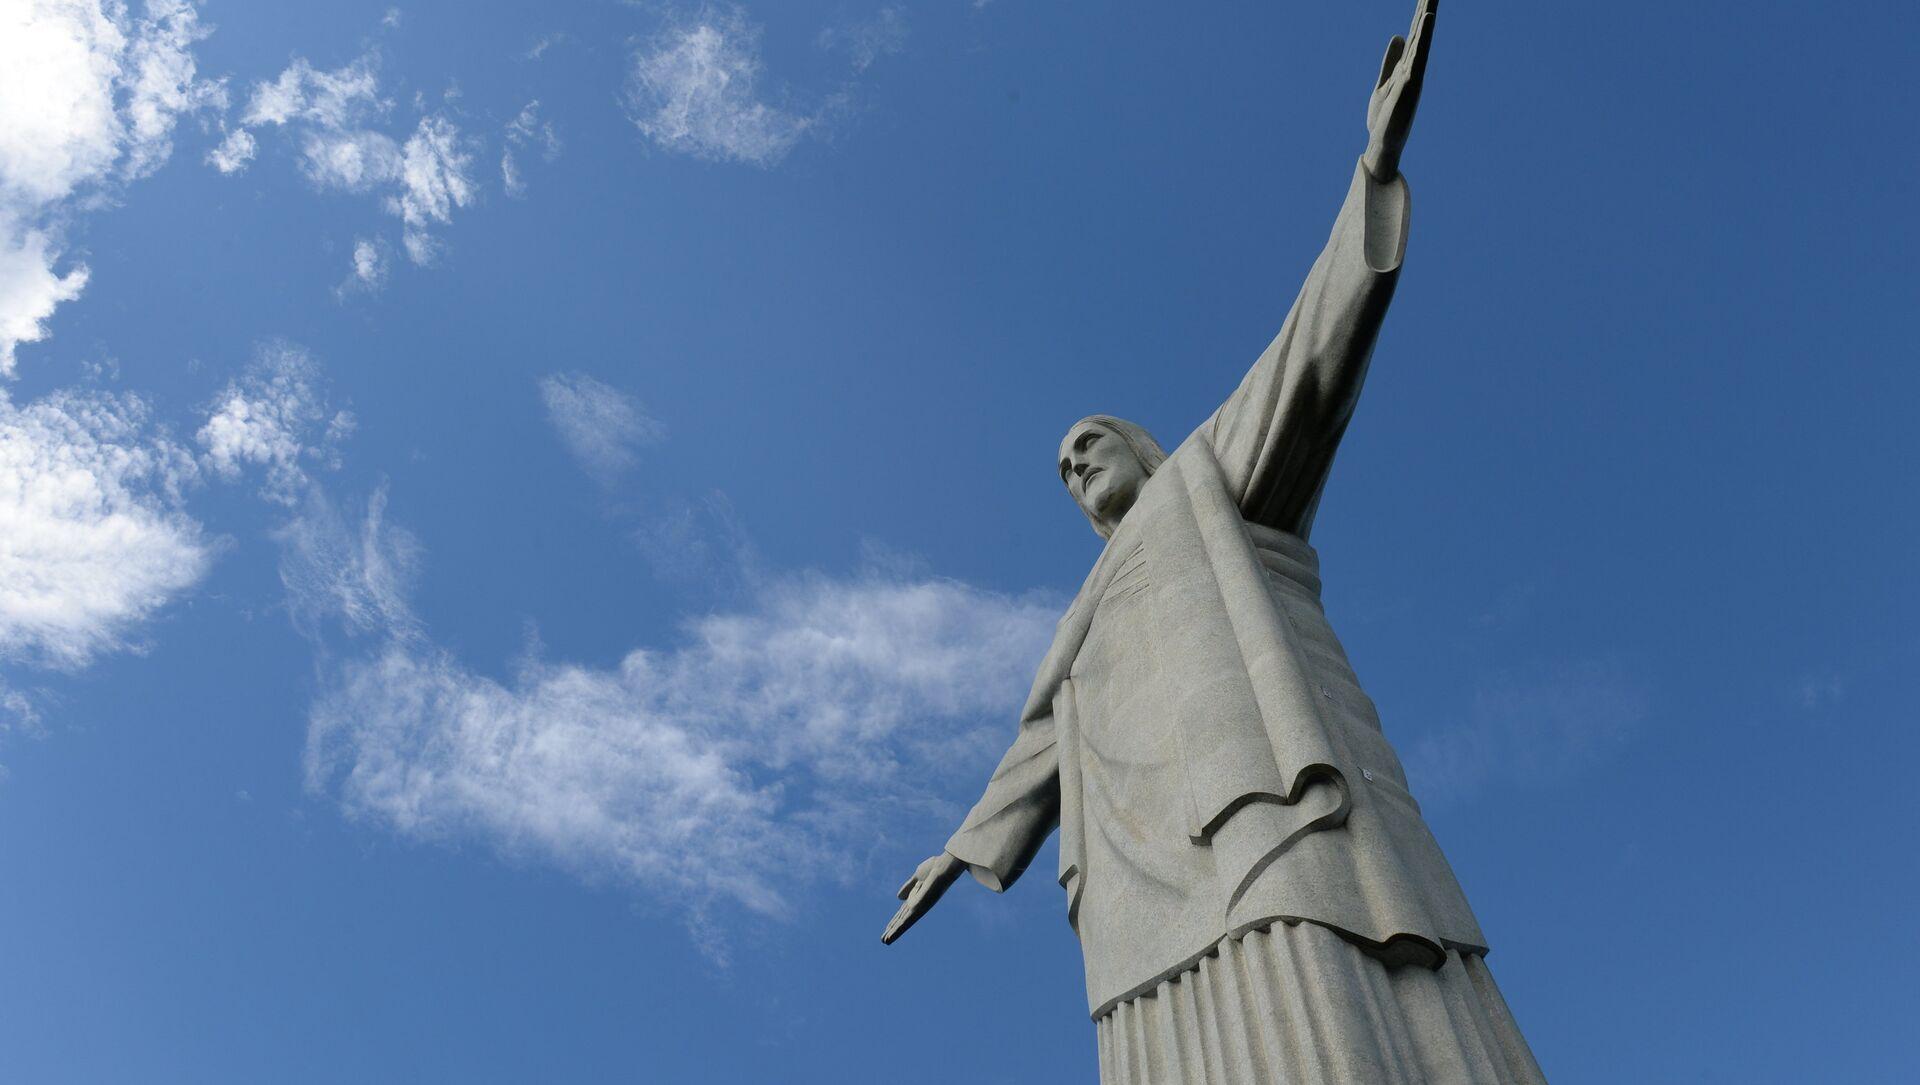 Статуя Христа-Искупителя на горе Корковаду в Рио-де-Жанейро. - Sputnik Армения, 1920, 12.04.2021